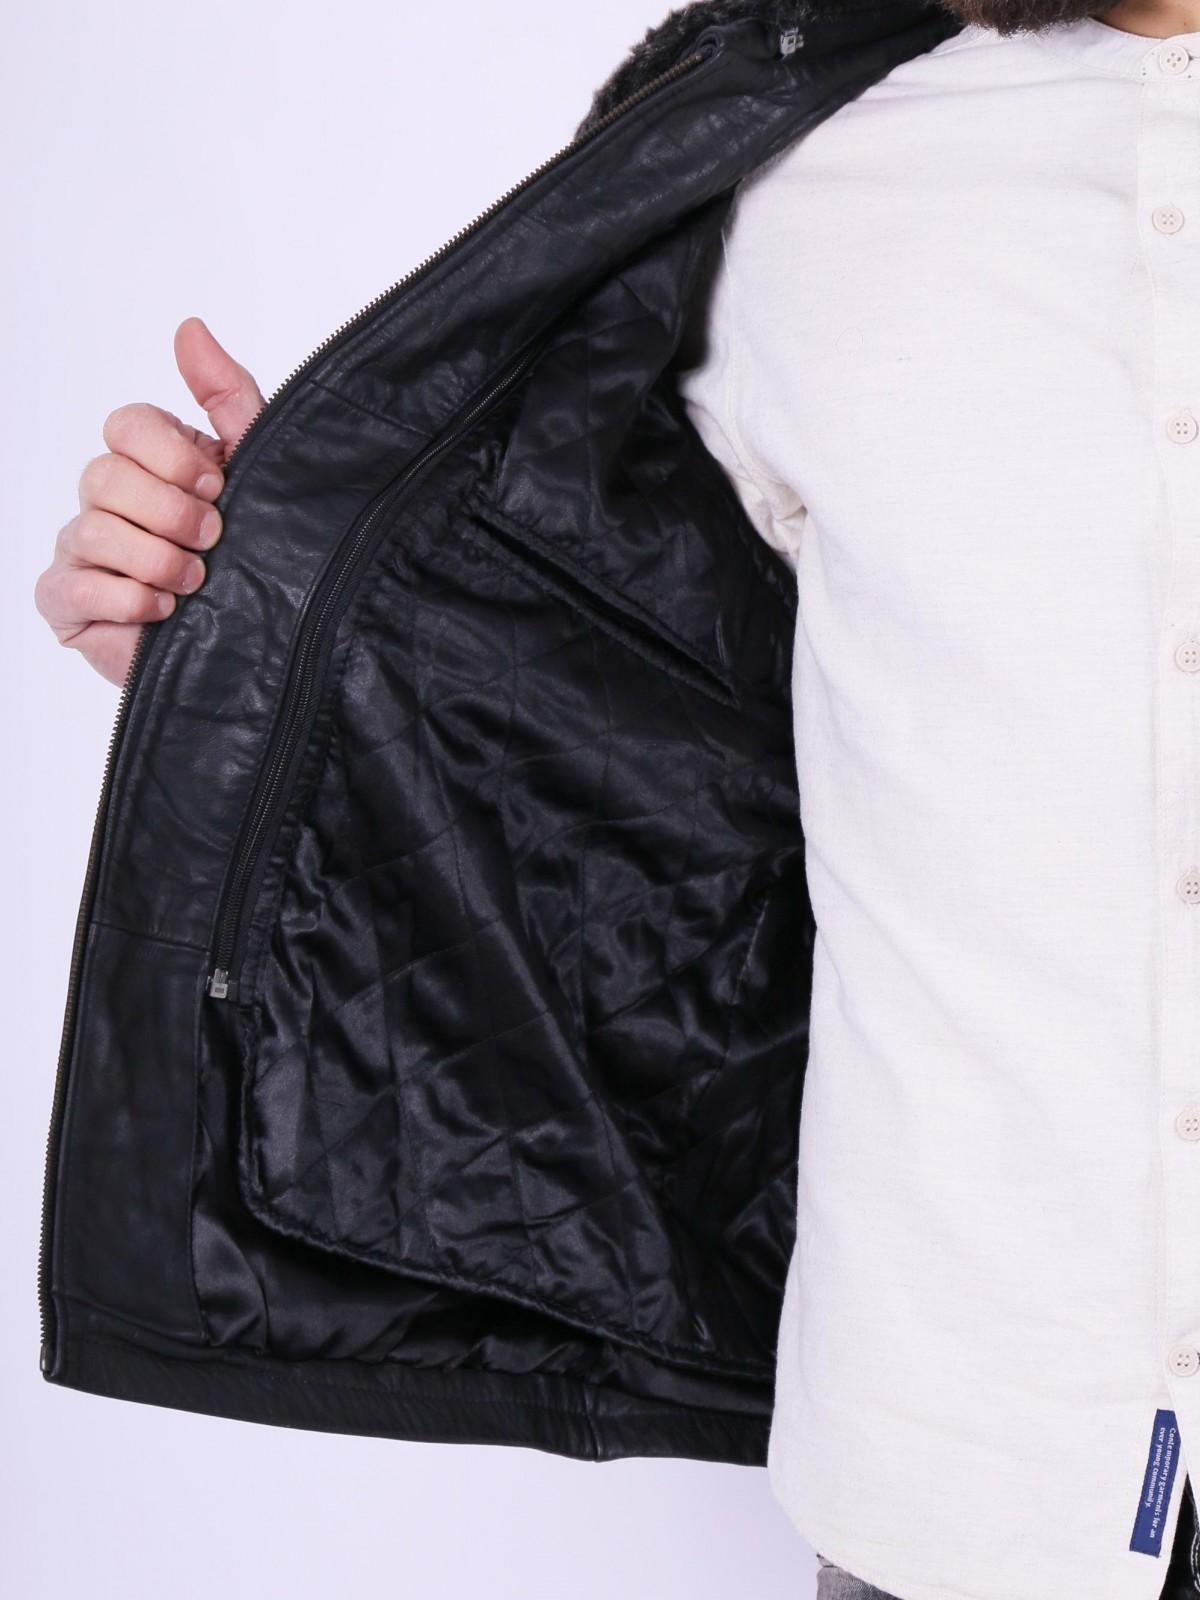 Frisco fur Black. Genuine leather jacket for men